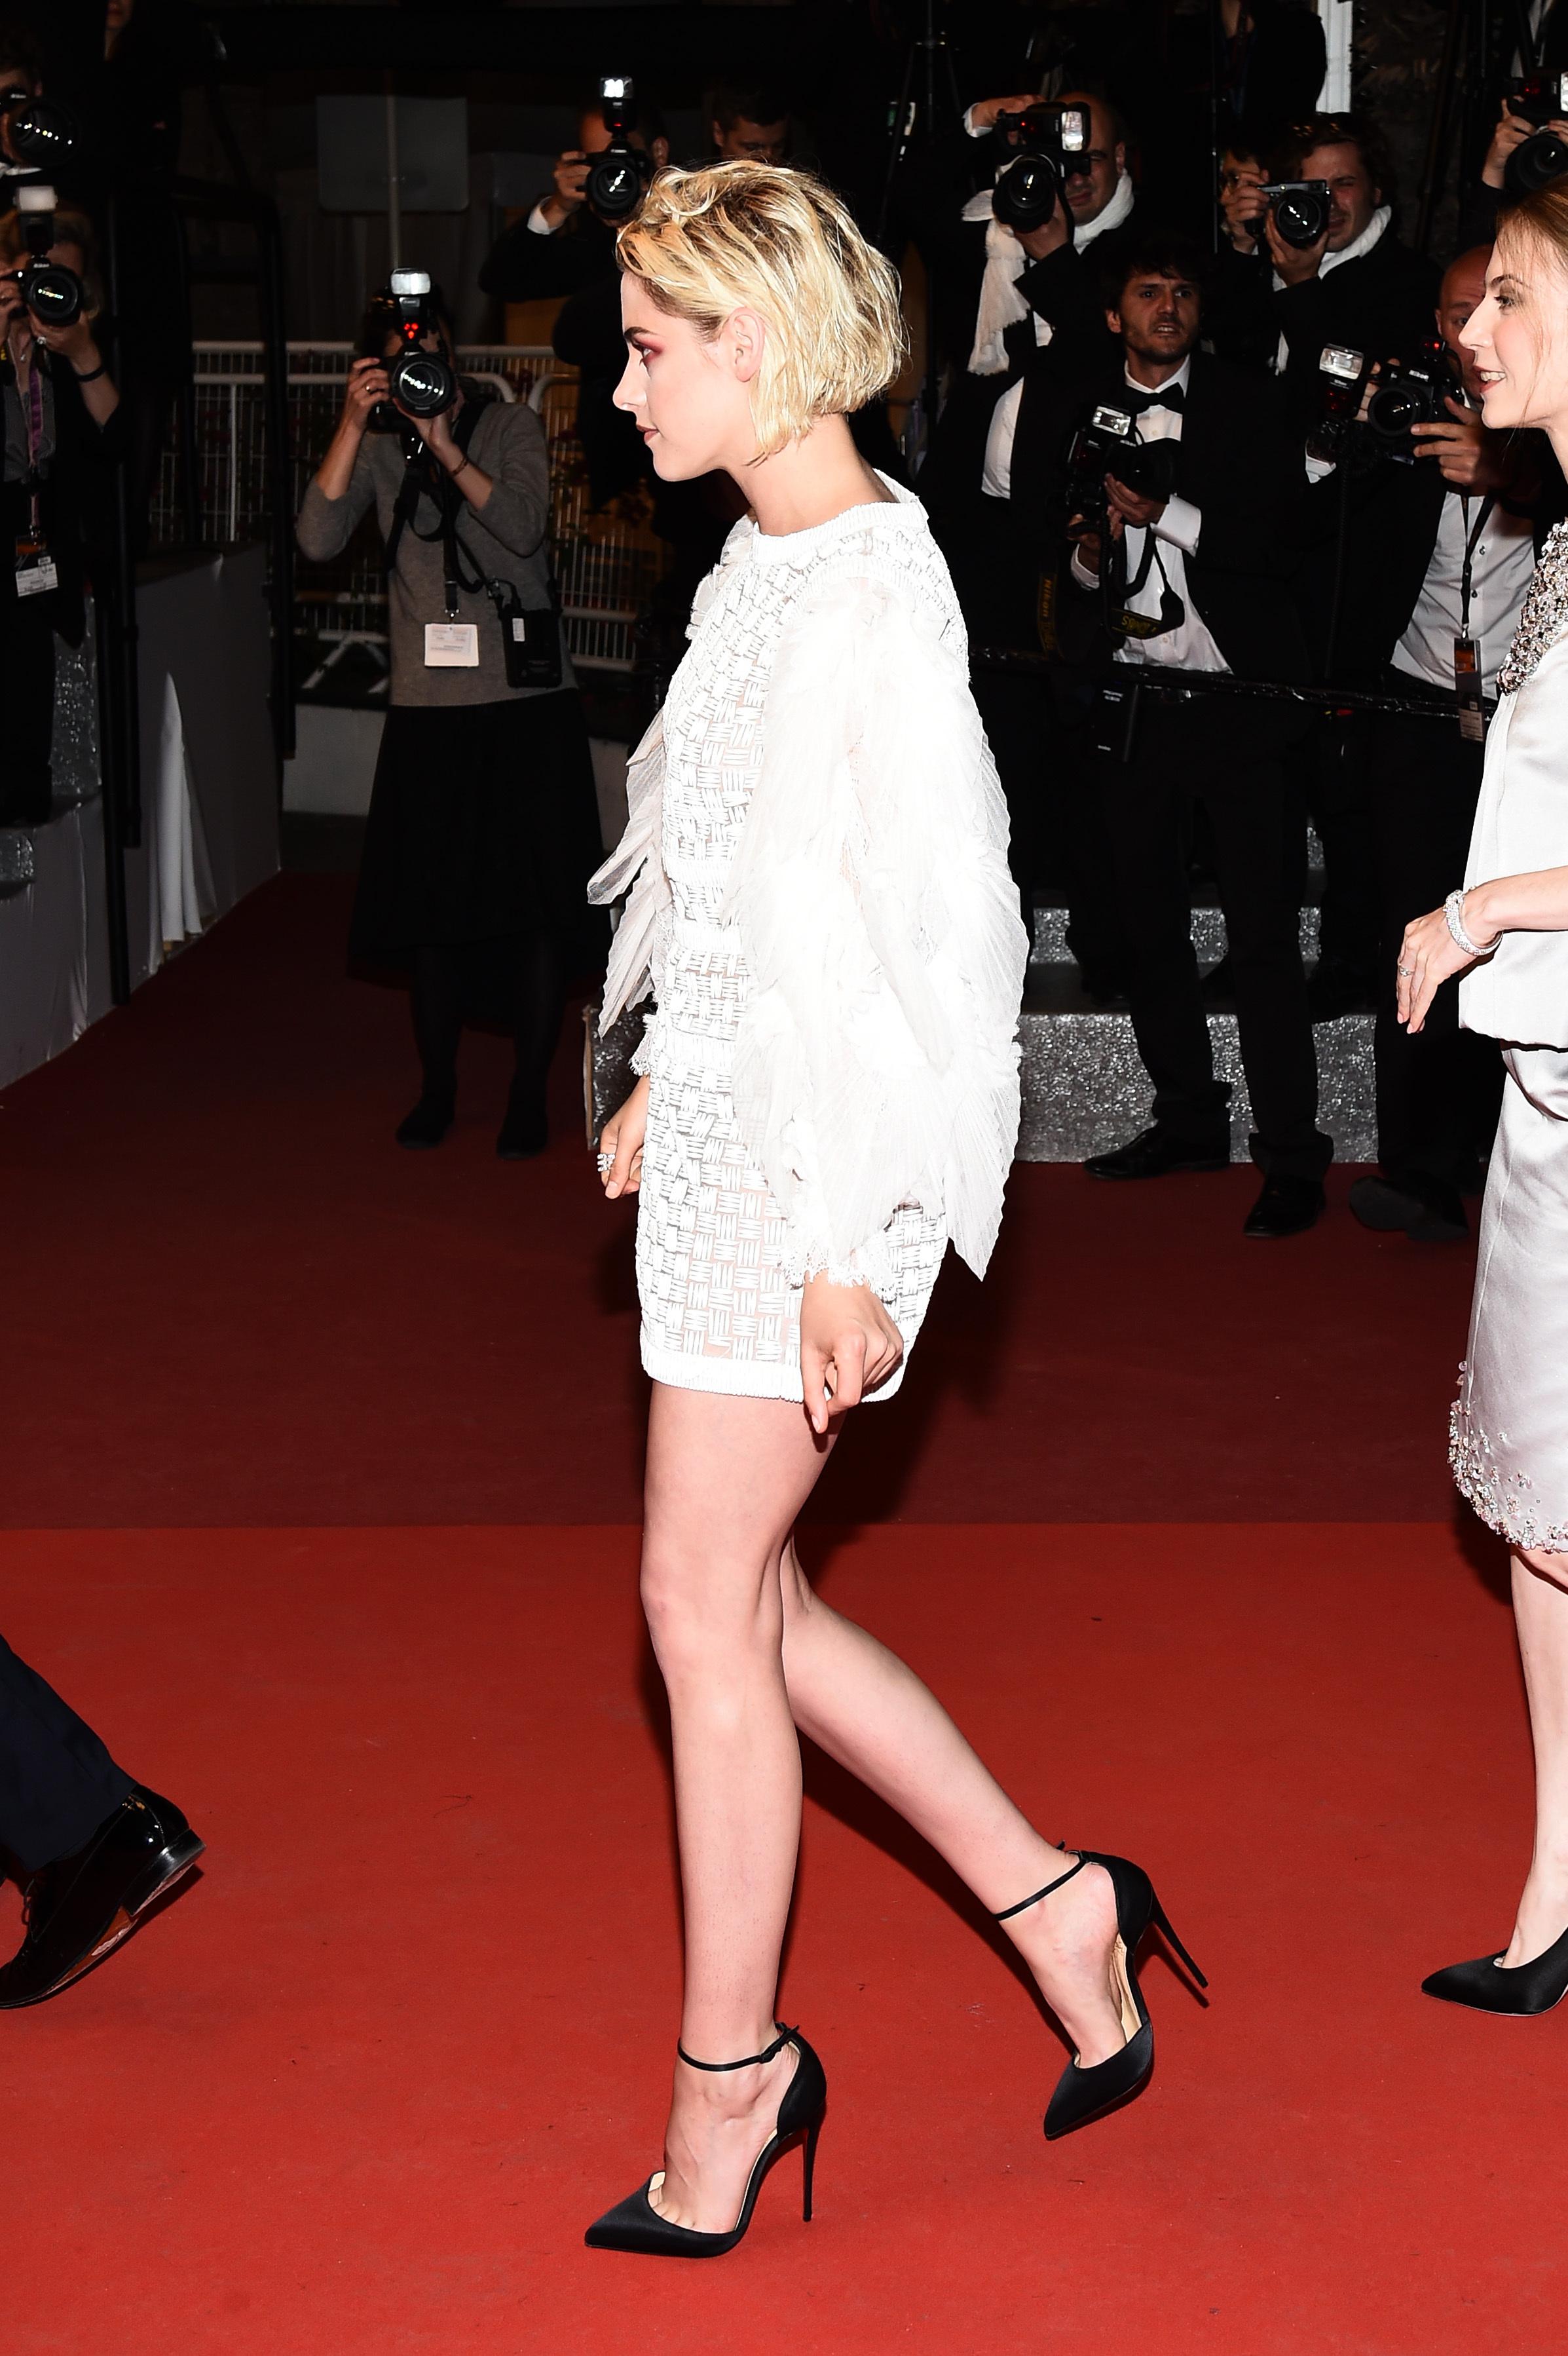 Kristen Stewart's Feet